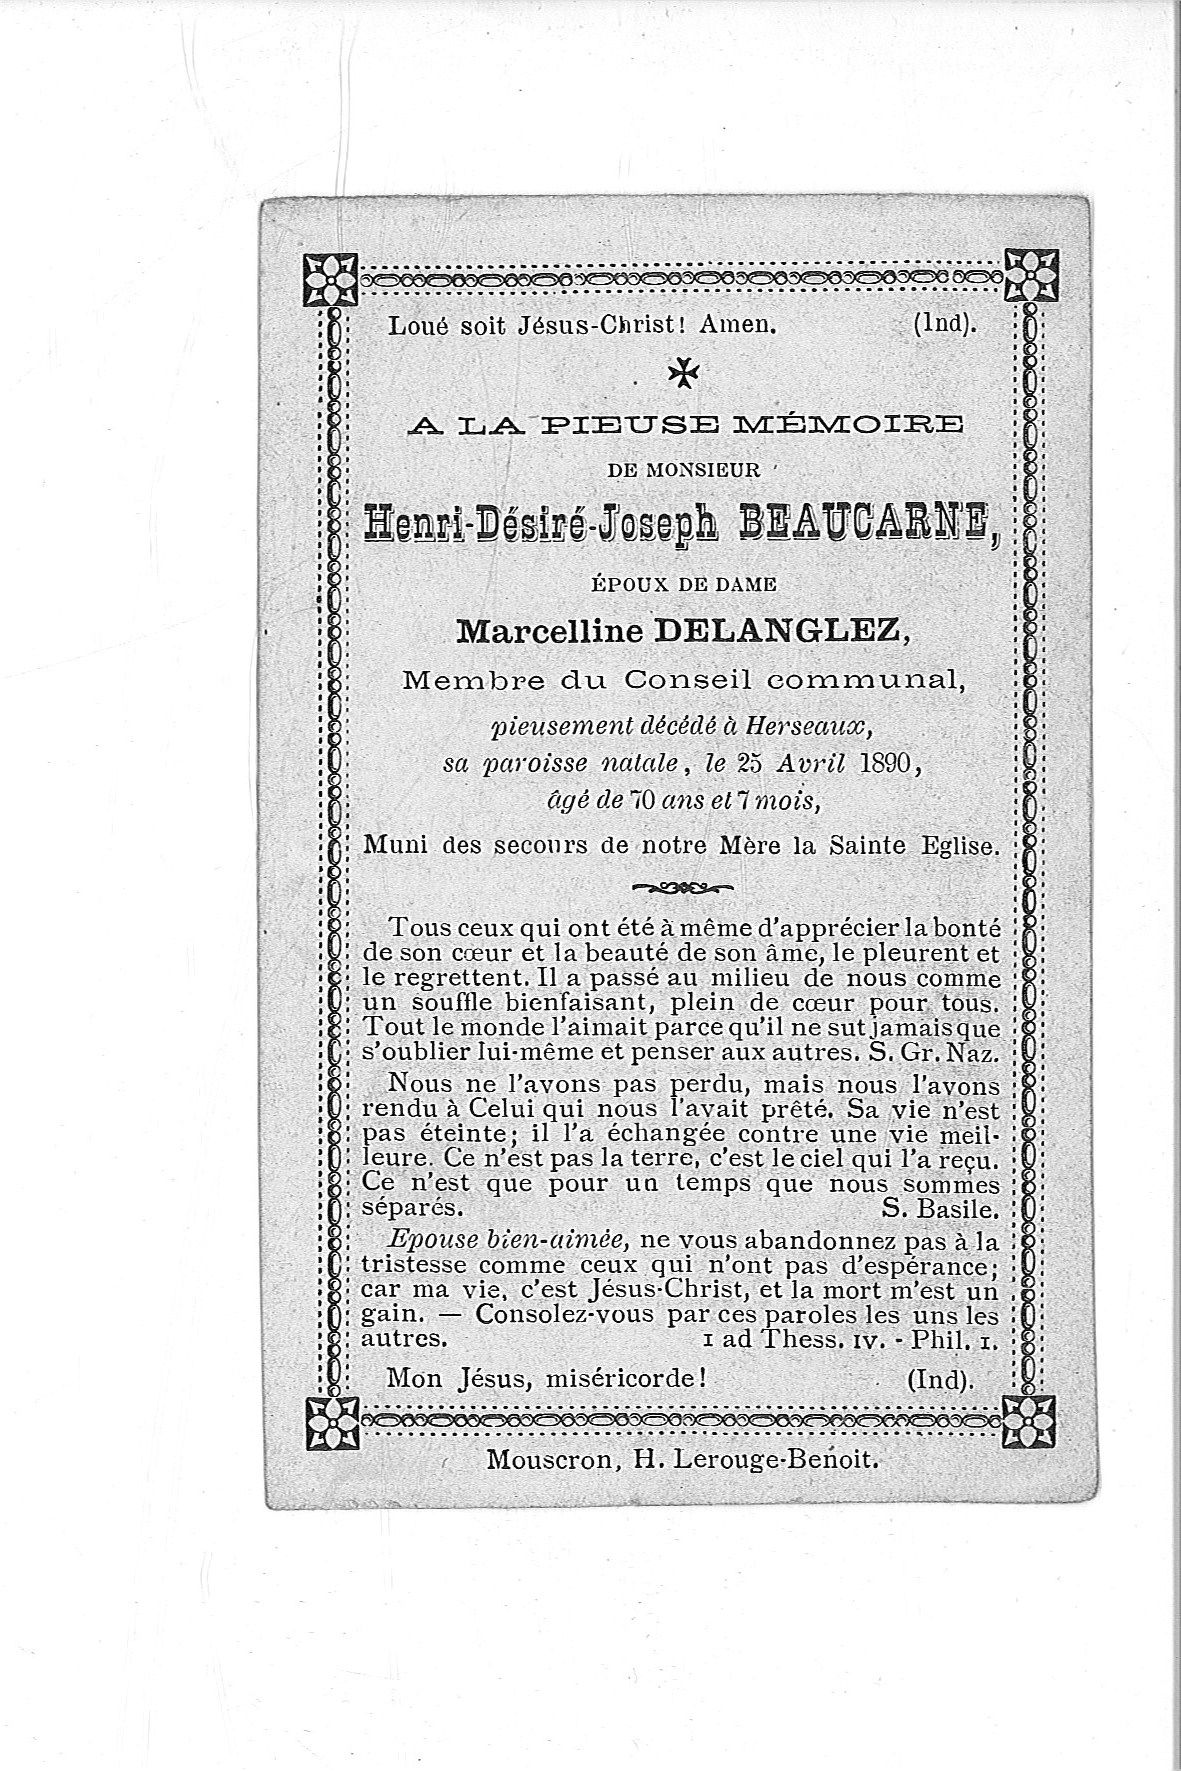 henri-désiré-joseph(1890)20090804095126_00038.jpg